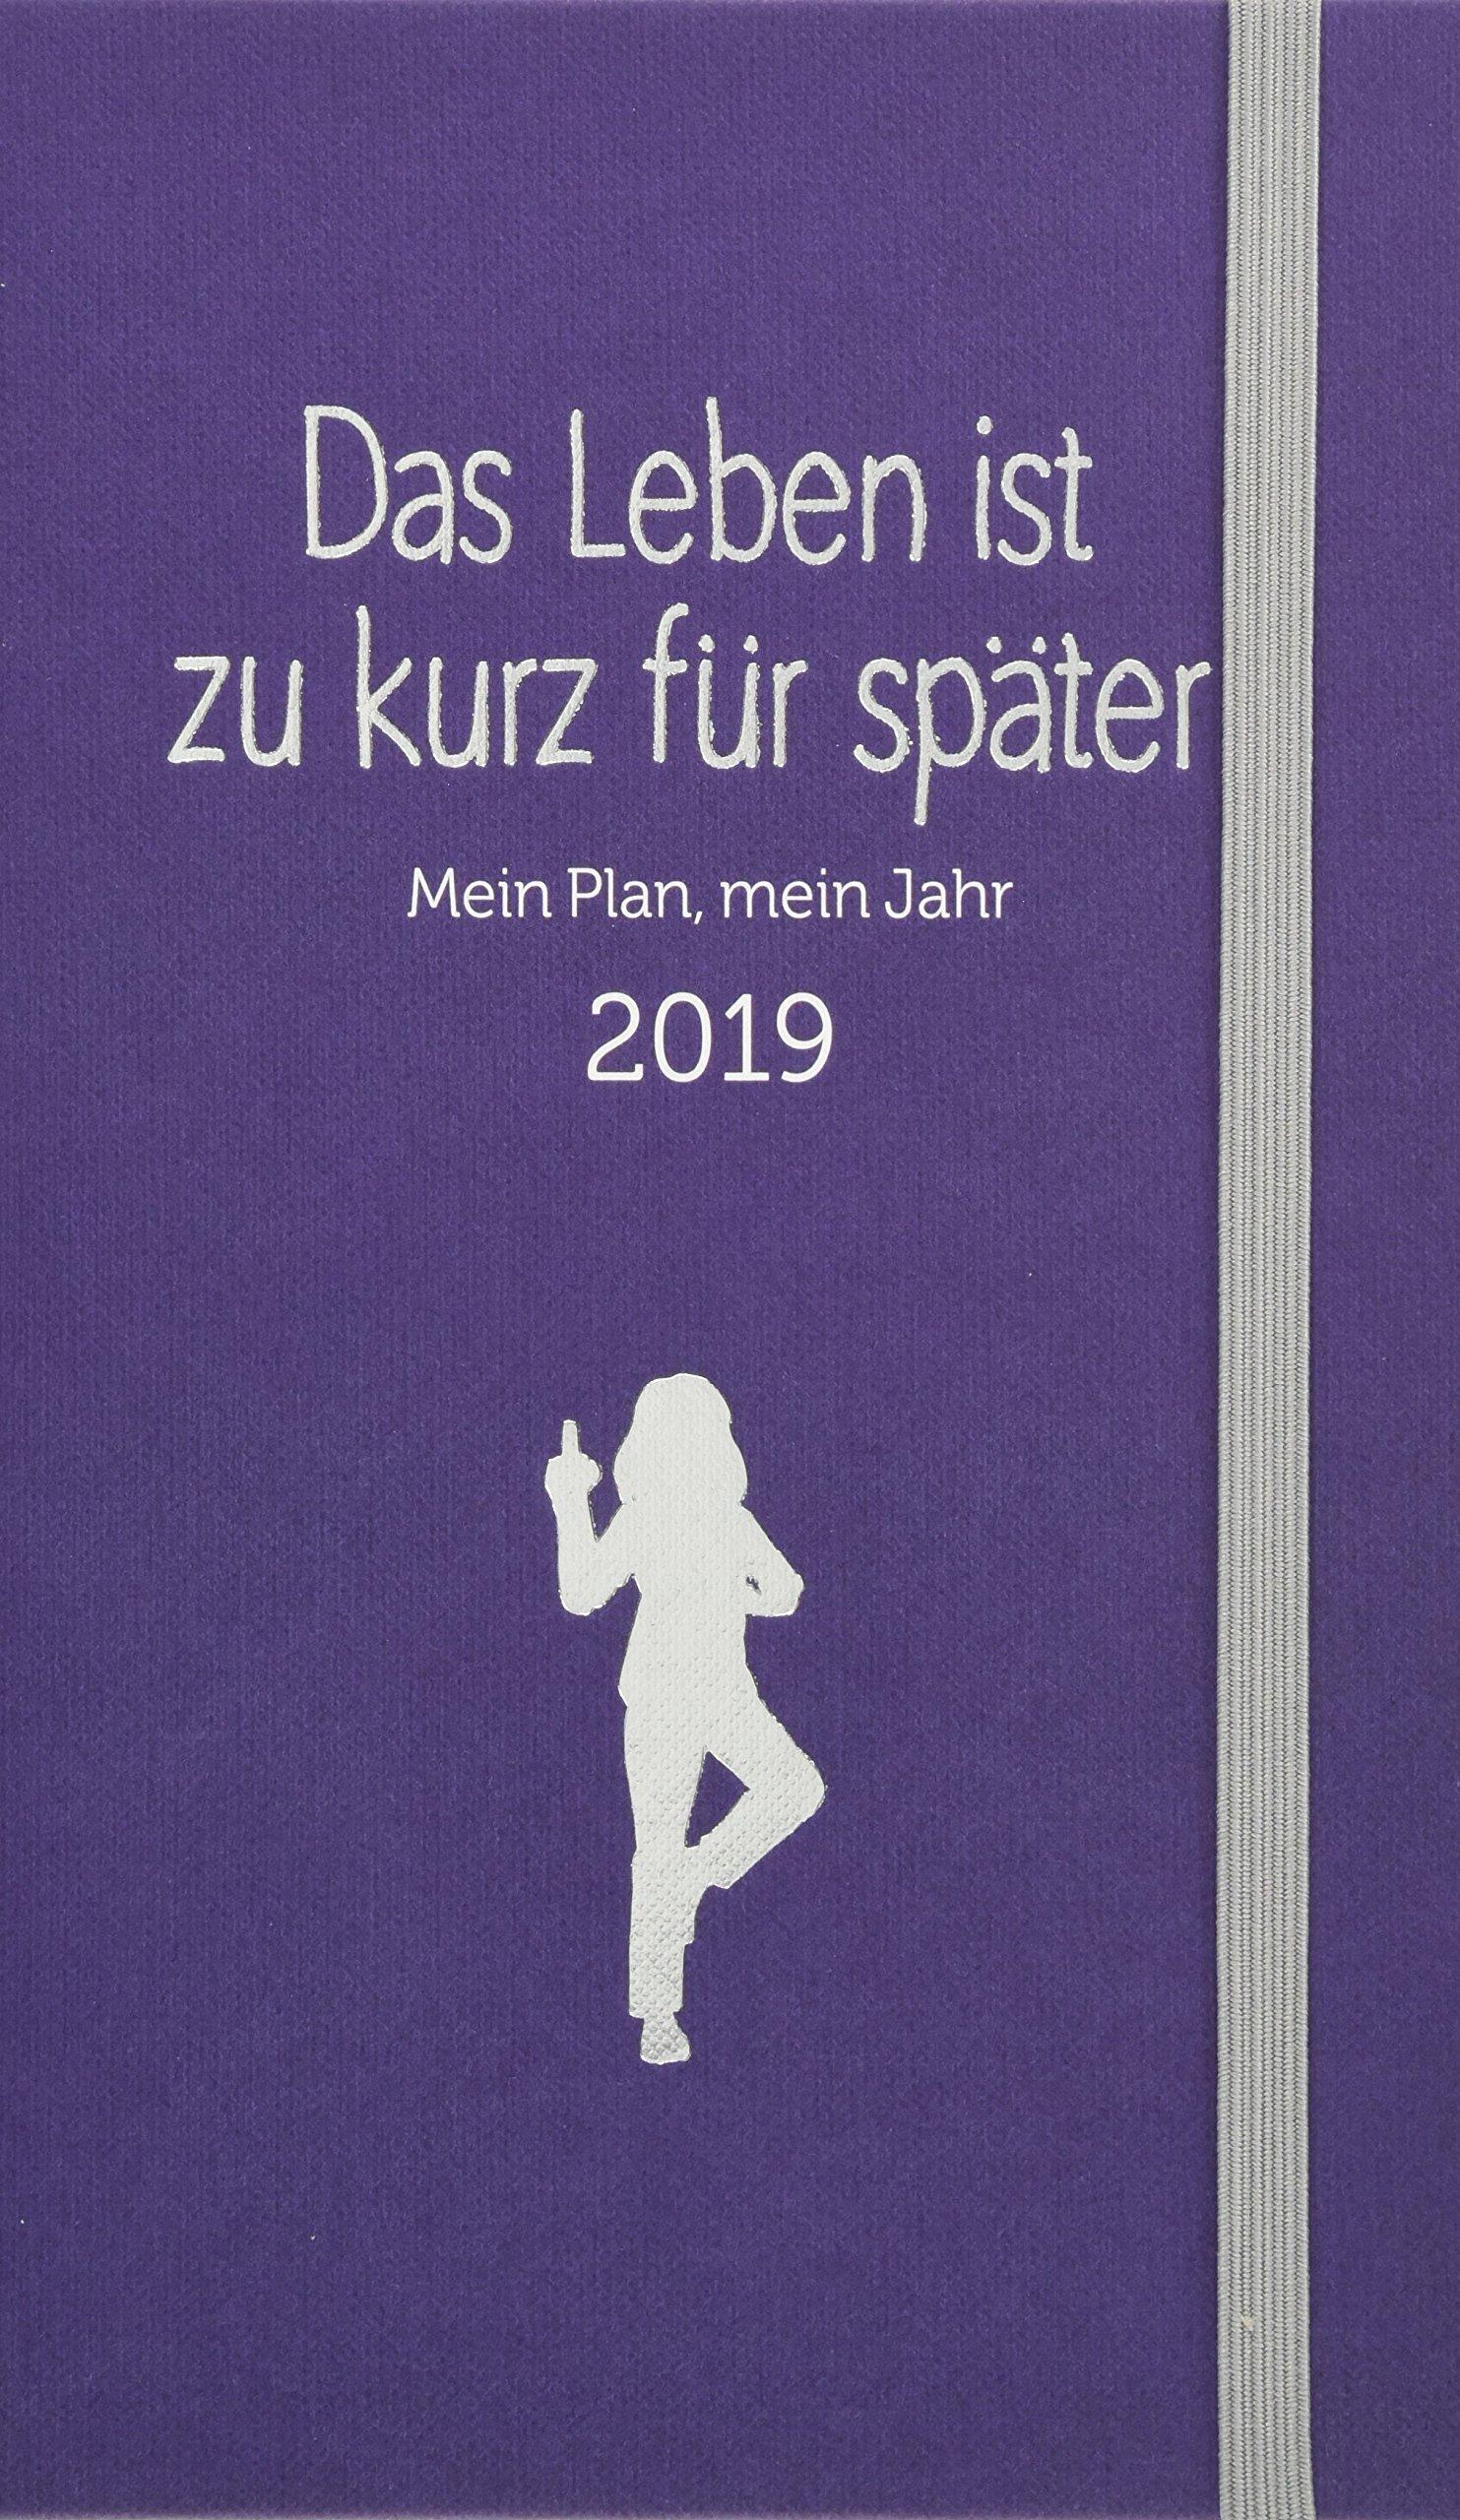 Das Leben ist zu kurz für später - Kalender: Mein Plan, mein Jahr 2019 Kalender – 11. Juni 2018 Alexandra Reinwarth mvg Verlag 3868829342 Buchkalender